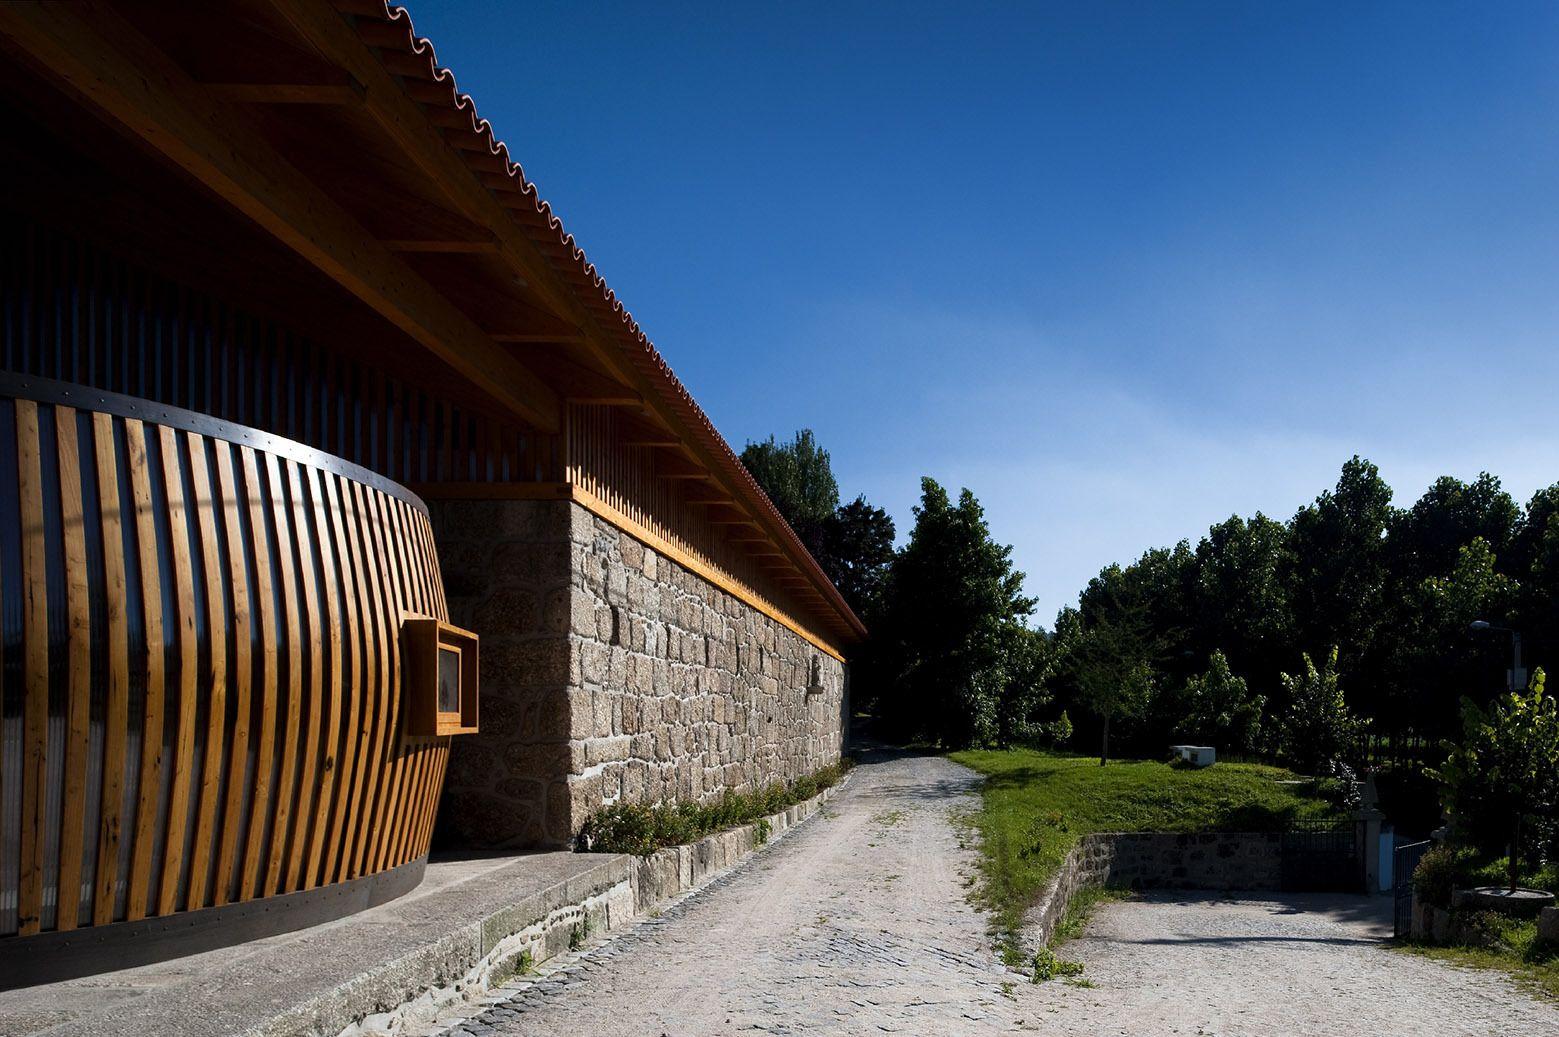 Adega Casa da Torre / Carlos Castanheira